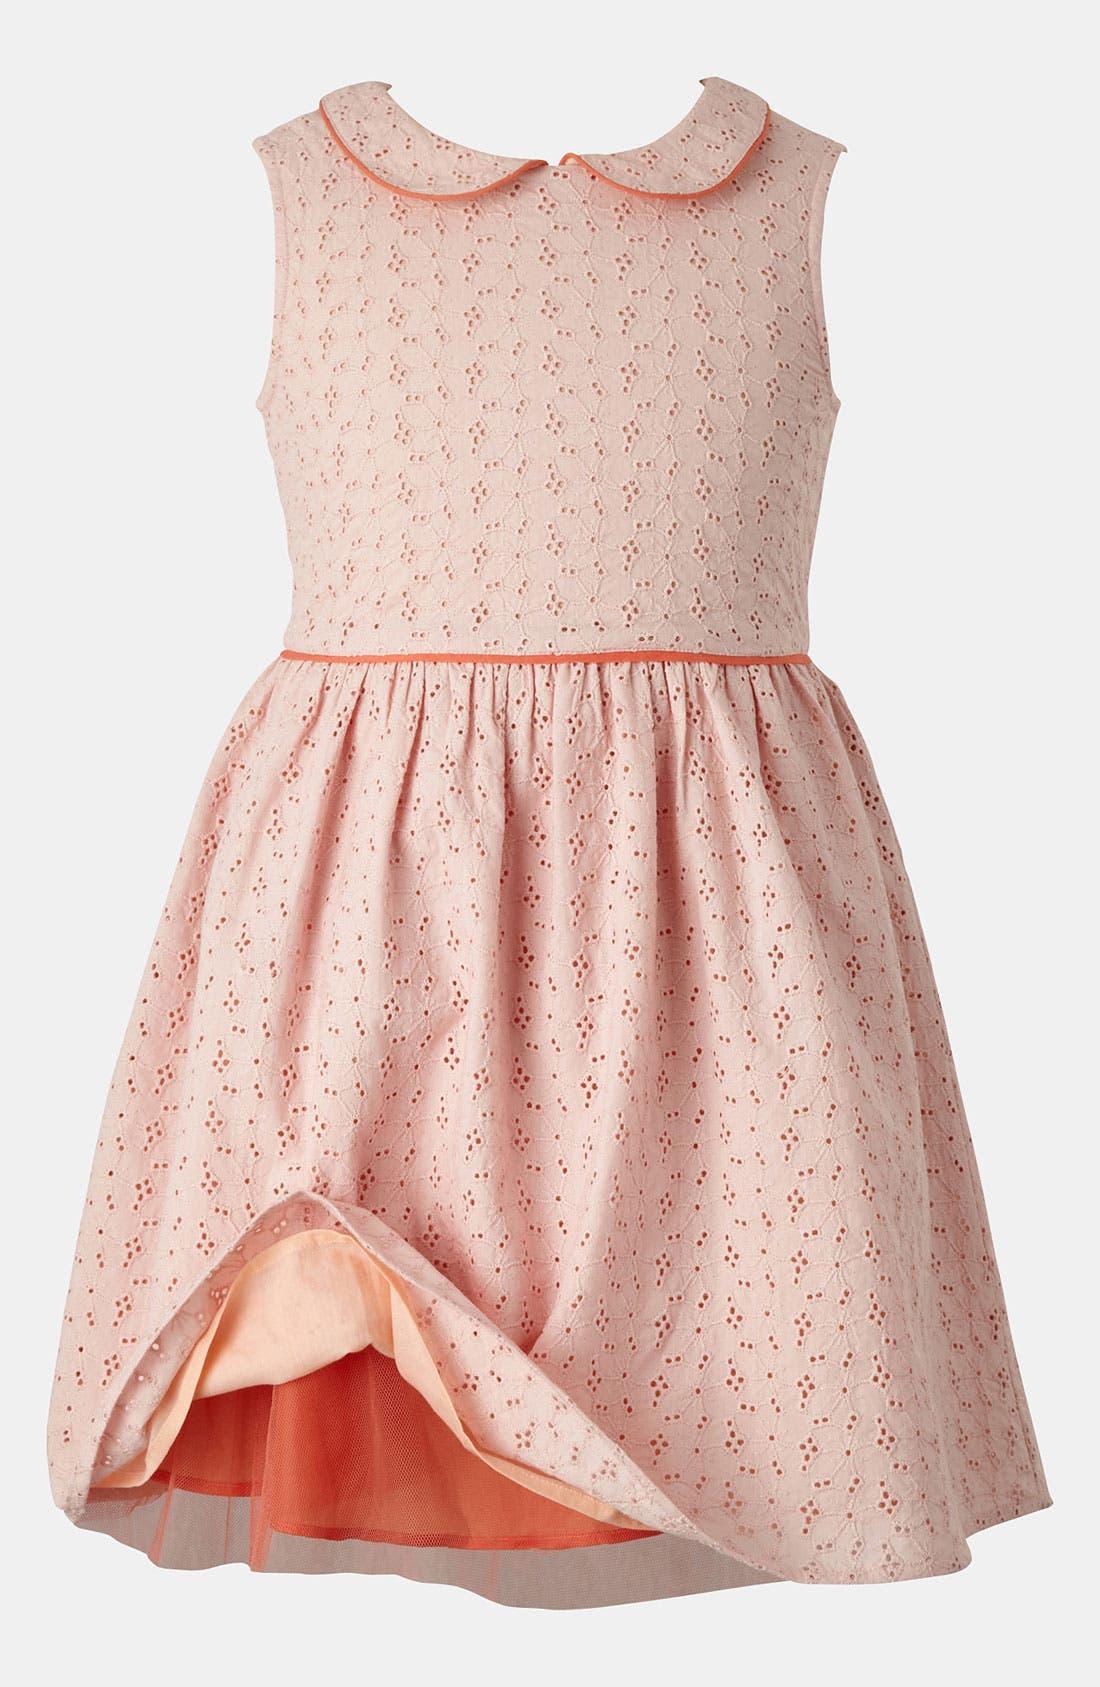 Alternate Image 1 Selected - Mini Boden Eyelet Dress (Little Girls & Big Girls)